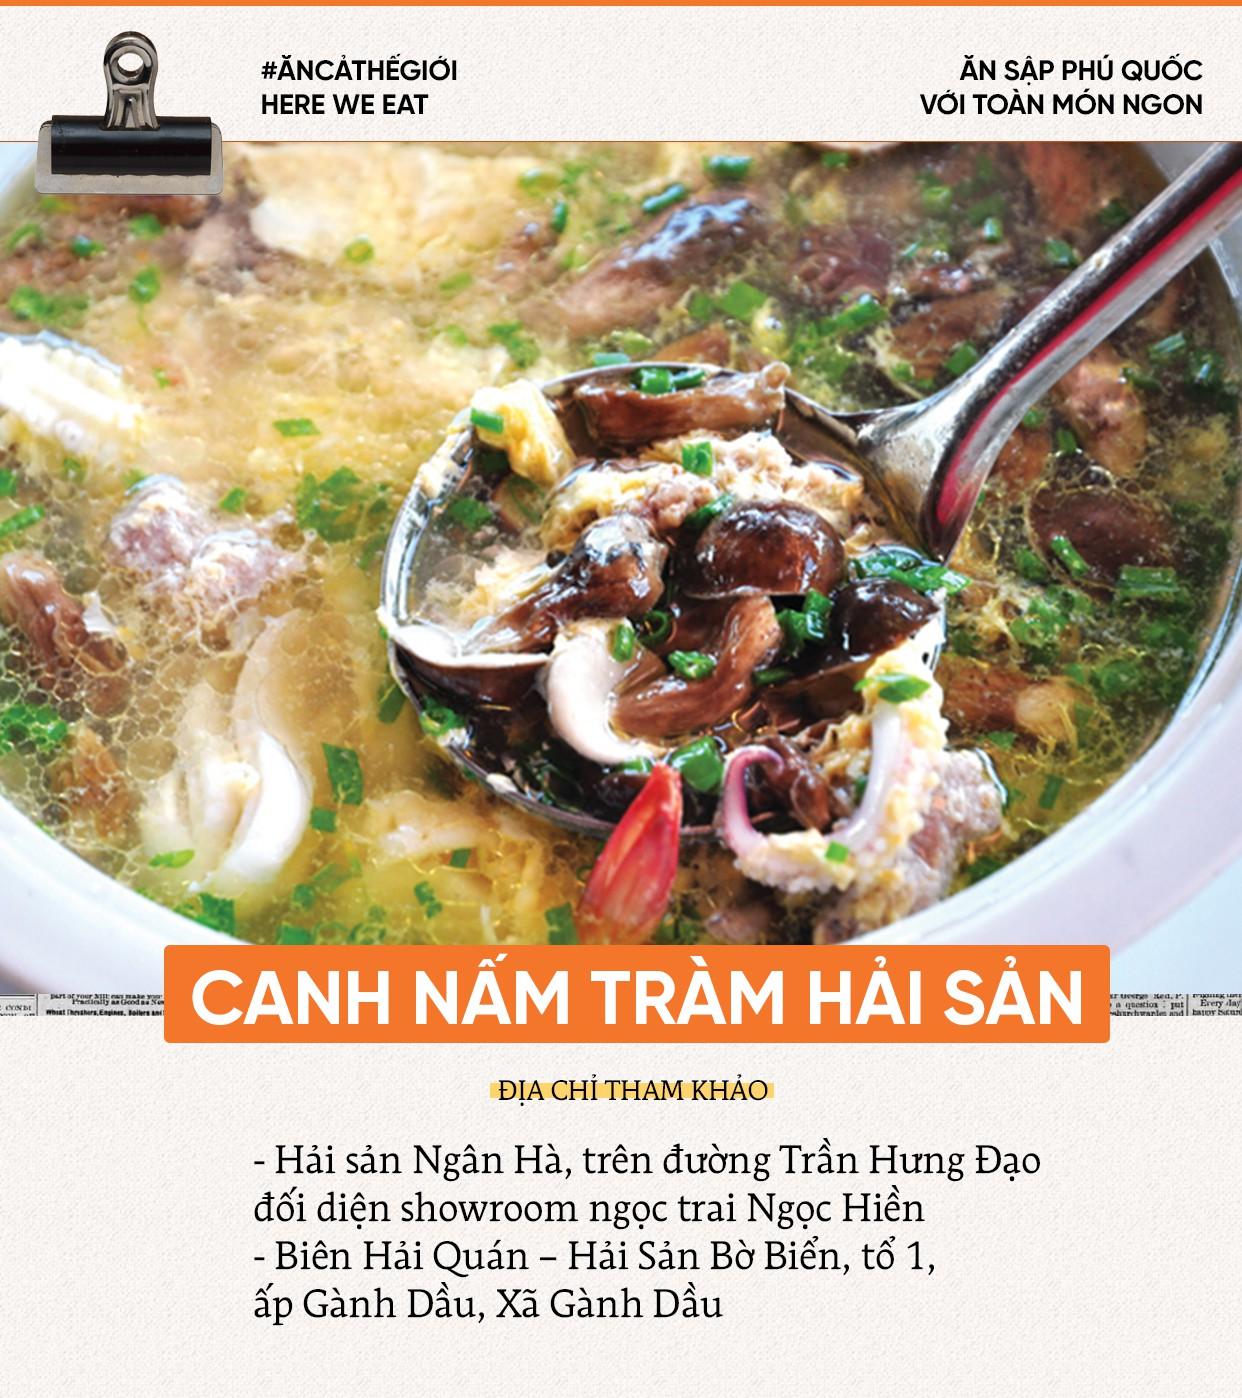 Nhớ ăn sập Phú Quốc với toàn món đặc sản hấp dẫn khi đến đây nhé - Ảnh 15.